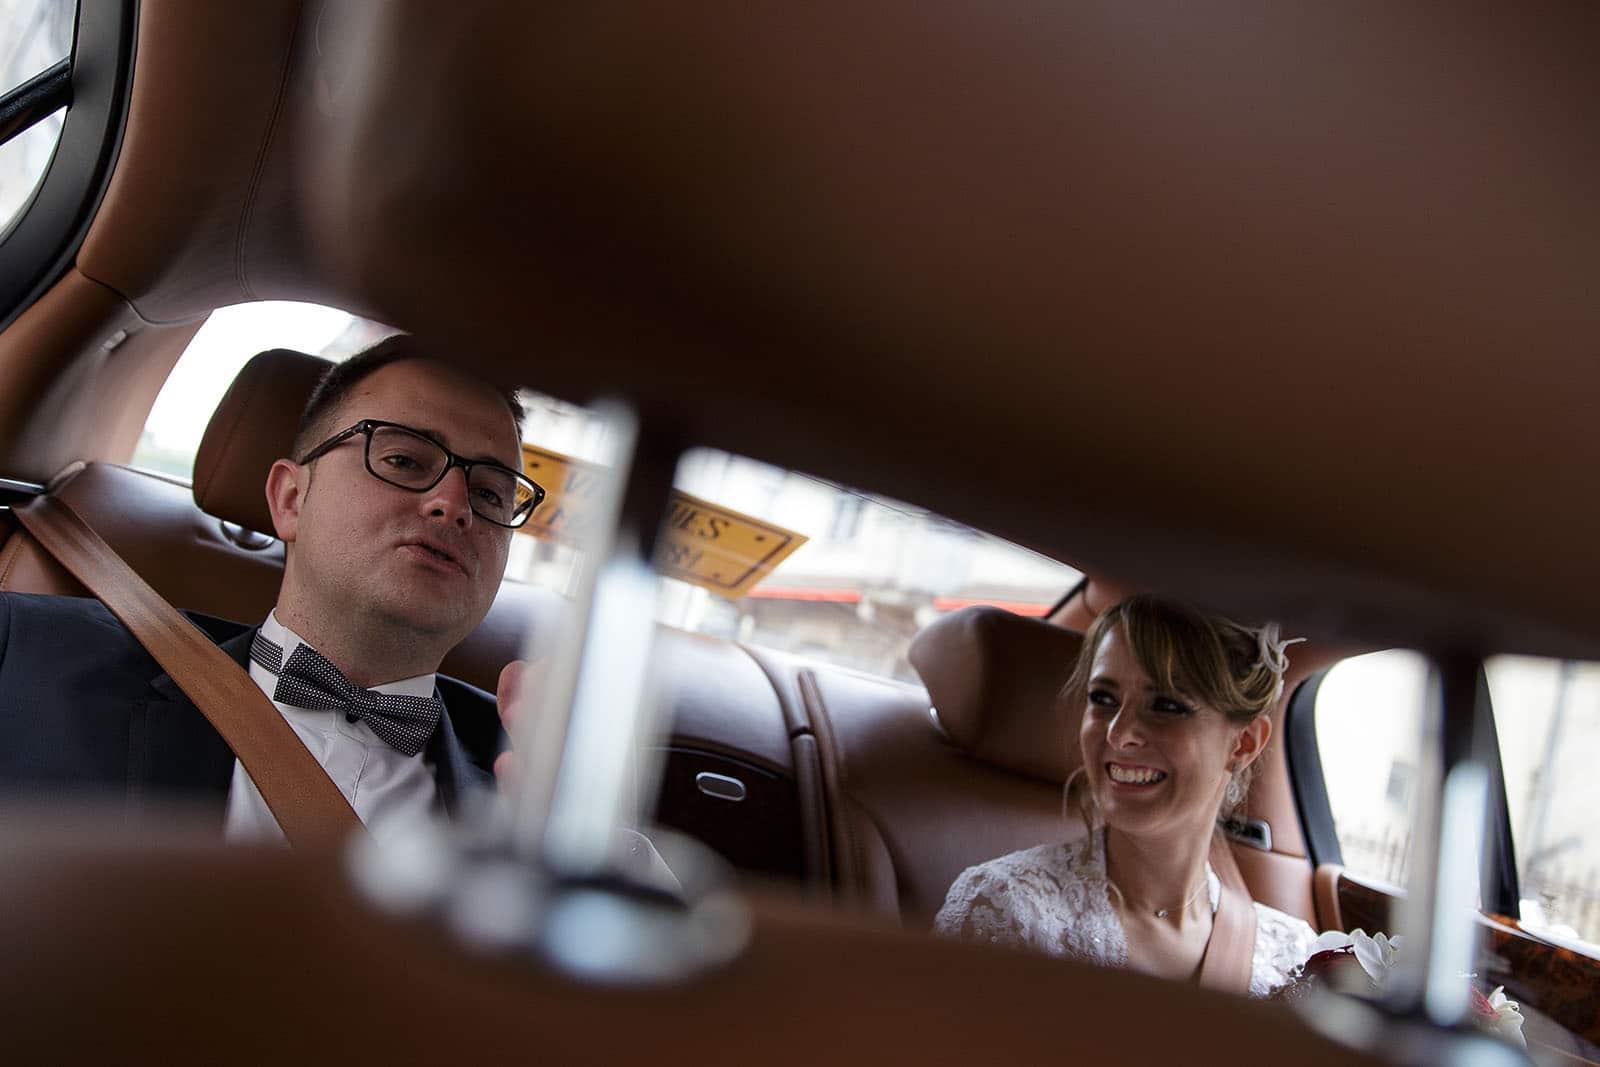 photographe de mariage chalon sur sane photo des maris dans une bentley photo - Photographe Mariage Chalon Sur Saone